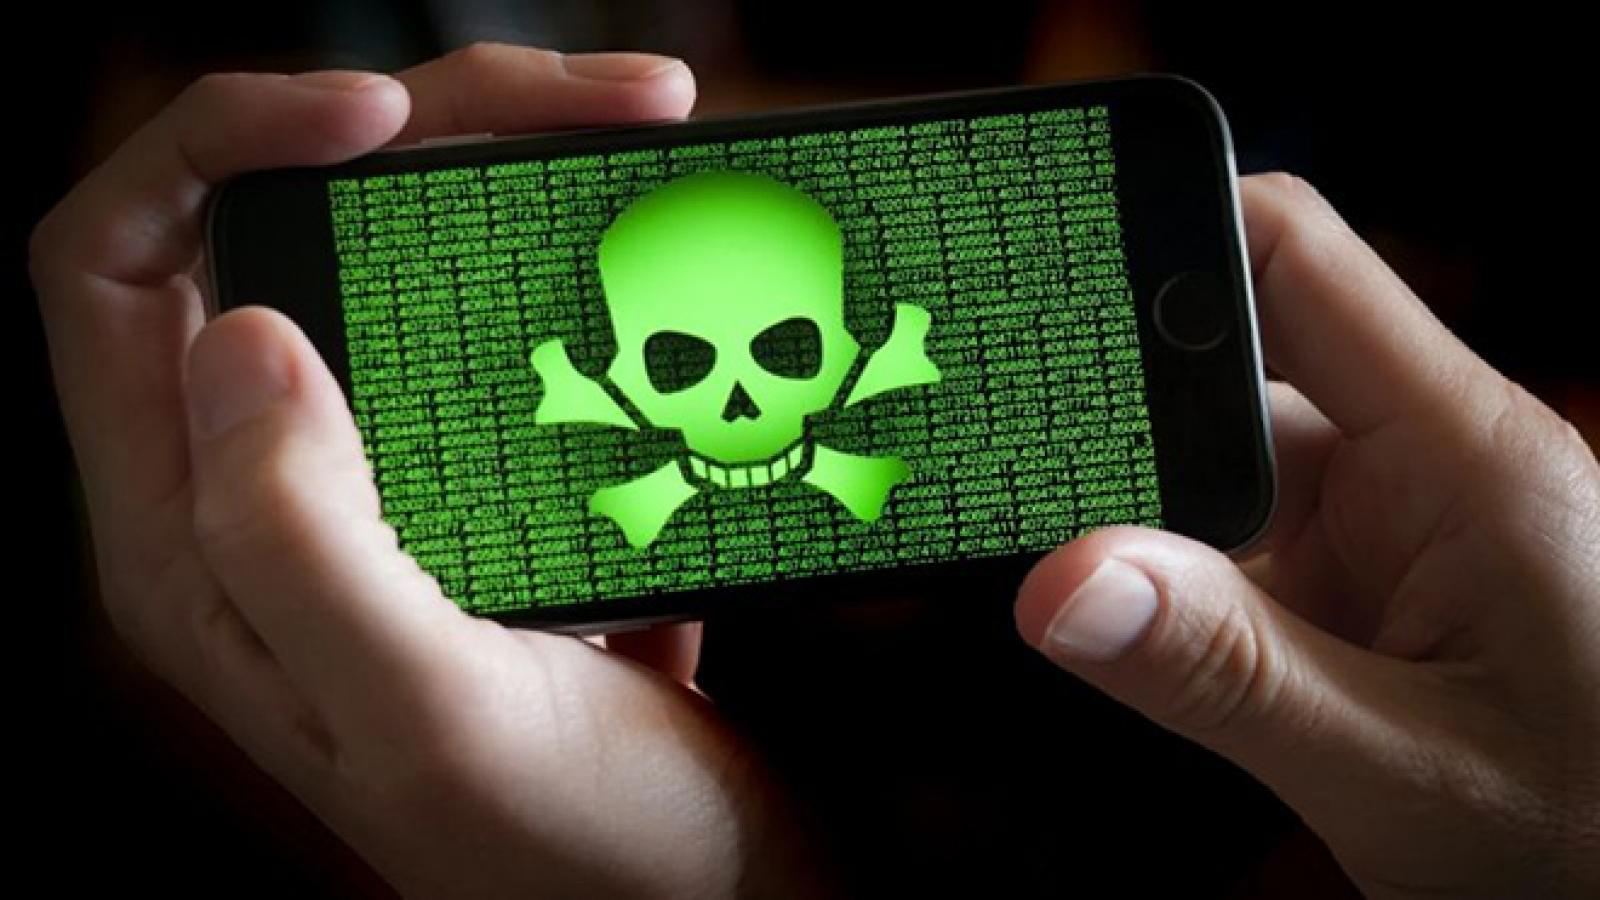 Phát hiện phần mềm độc hại đe dọa hàng triệu người dùng Android